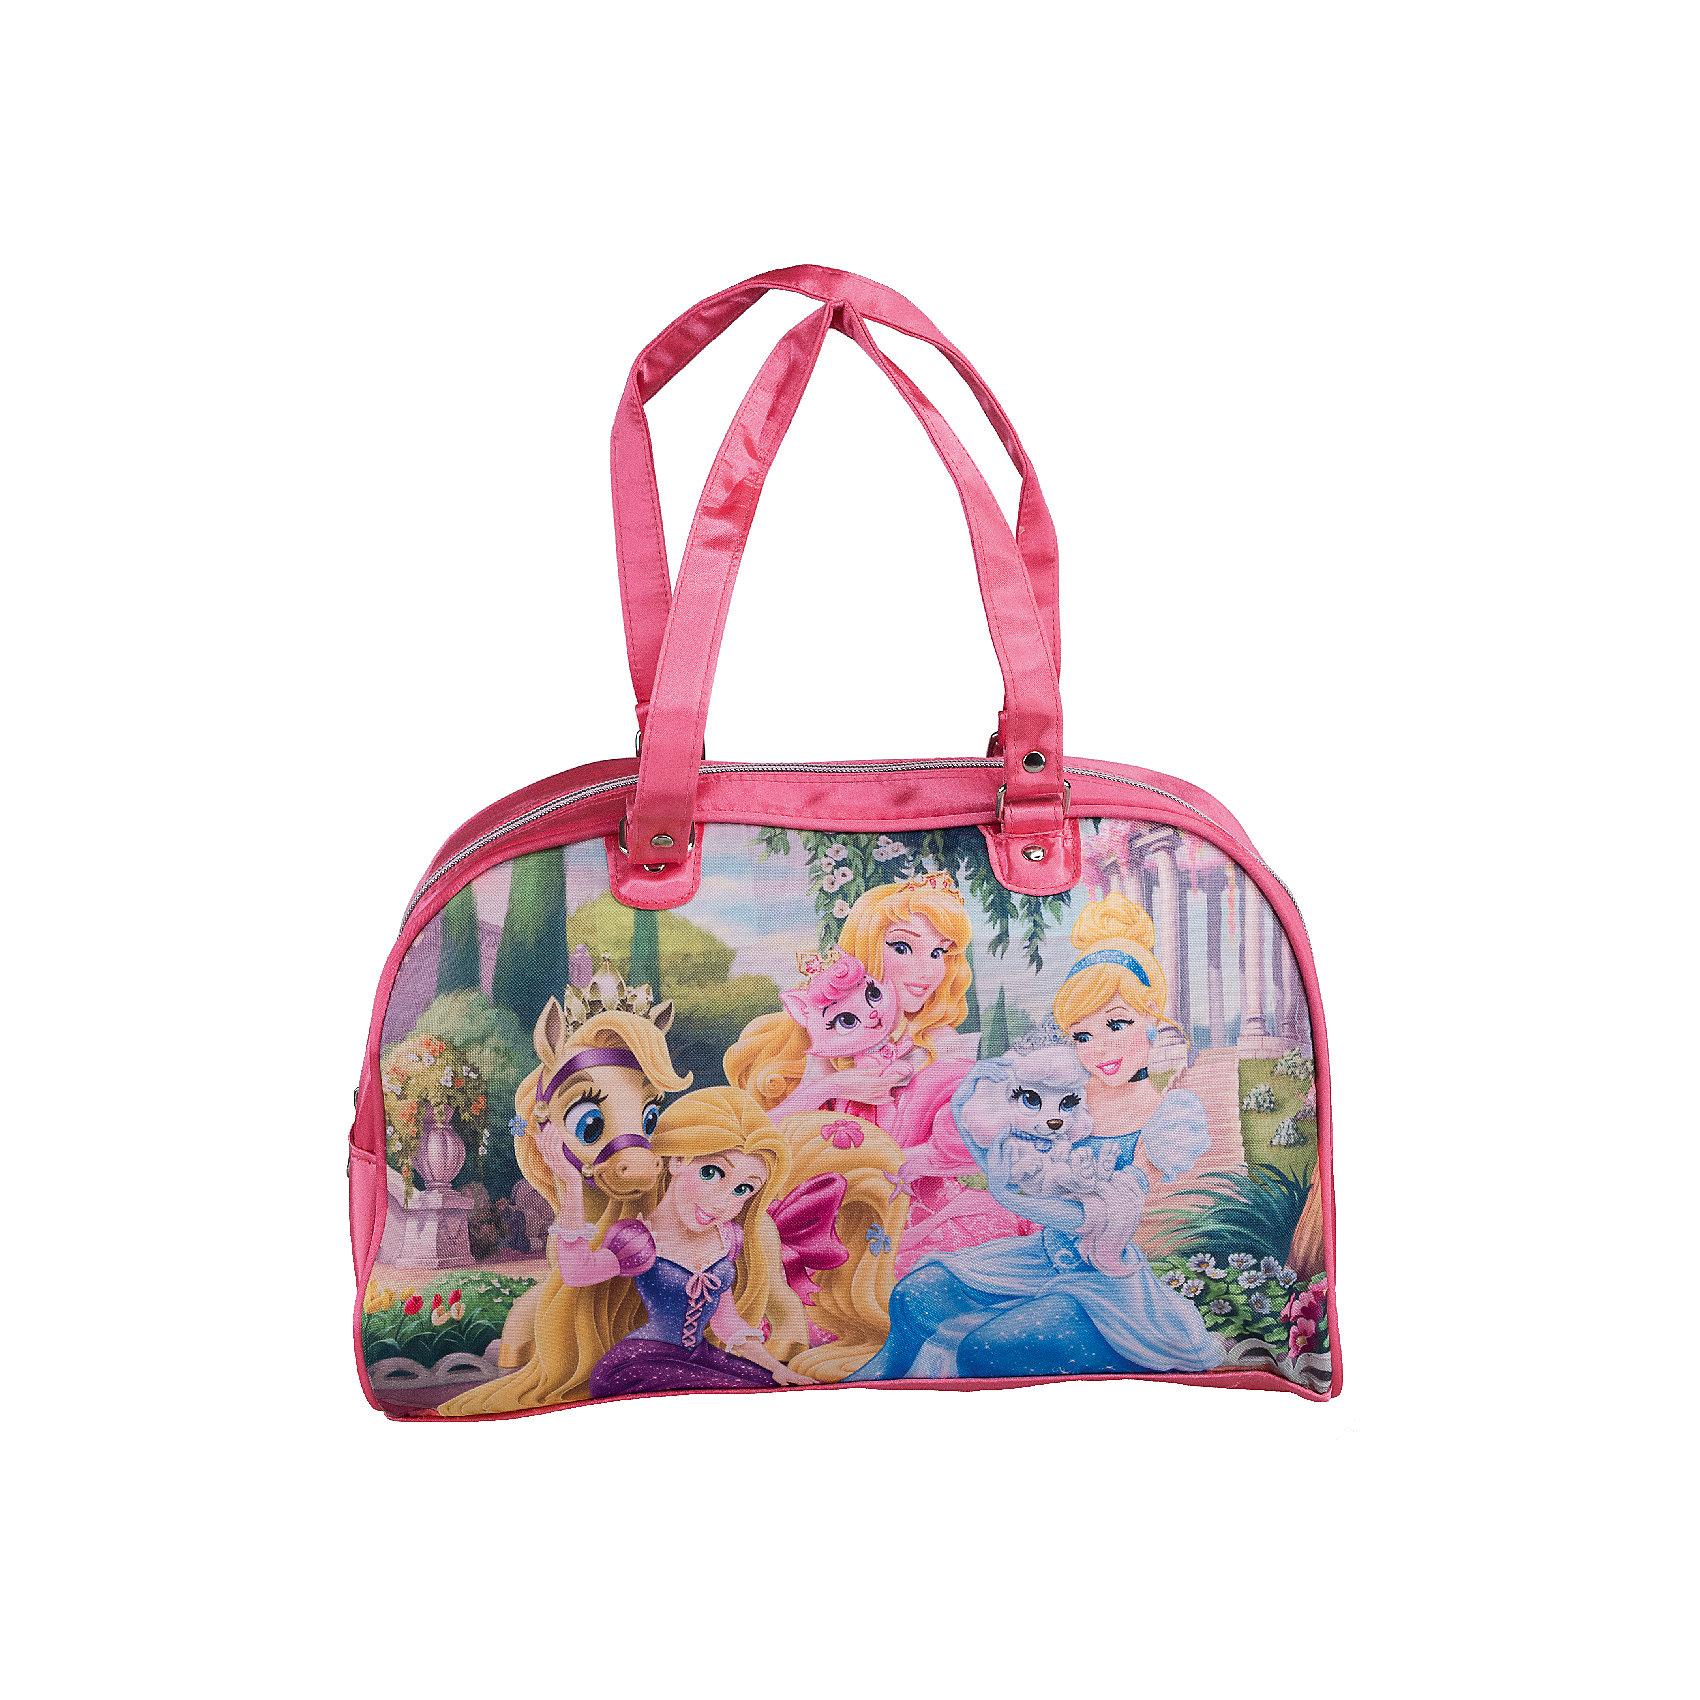 Сумка Принцессы Дисней  21,5*34*13 смДетские сумки<br>Стильная детская сумка с изображением любимых героев, несомненно понравится Вашему ребенку. С ней можно отправиться на прогулку и взять с собой все самое необходимое. Сумка закрывается на молнию. Модель снабжена удобными текстильными ручками для ношения в руках. Сумка выполнена из плотного и износостойкого полиэстера.<br><br>Дополнительная информация:<br><br>Одно отделение на молнии.<br>Размер 21,5 х 34 х 13 см.<br><br>Сумку Принцессы Дисней (Disney Princess)  21,5*34*13 см можно купить в нашем магазине.<br><br>Ширина мм: 215<br>Глубина мм: 340<br>Высота мм: 130<br>Вес г: 241<br>Возраст от месяцев: 48<br>Возраст до месяцев: 84<br>Пол: Женский<br>Возраст: Детский<br>SKU: 4141002